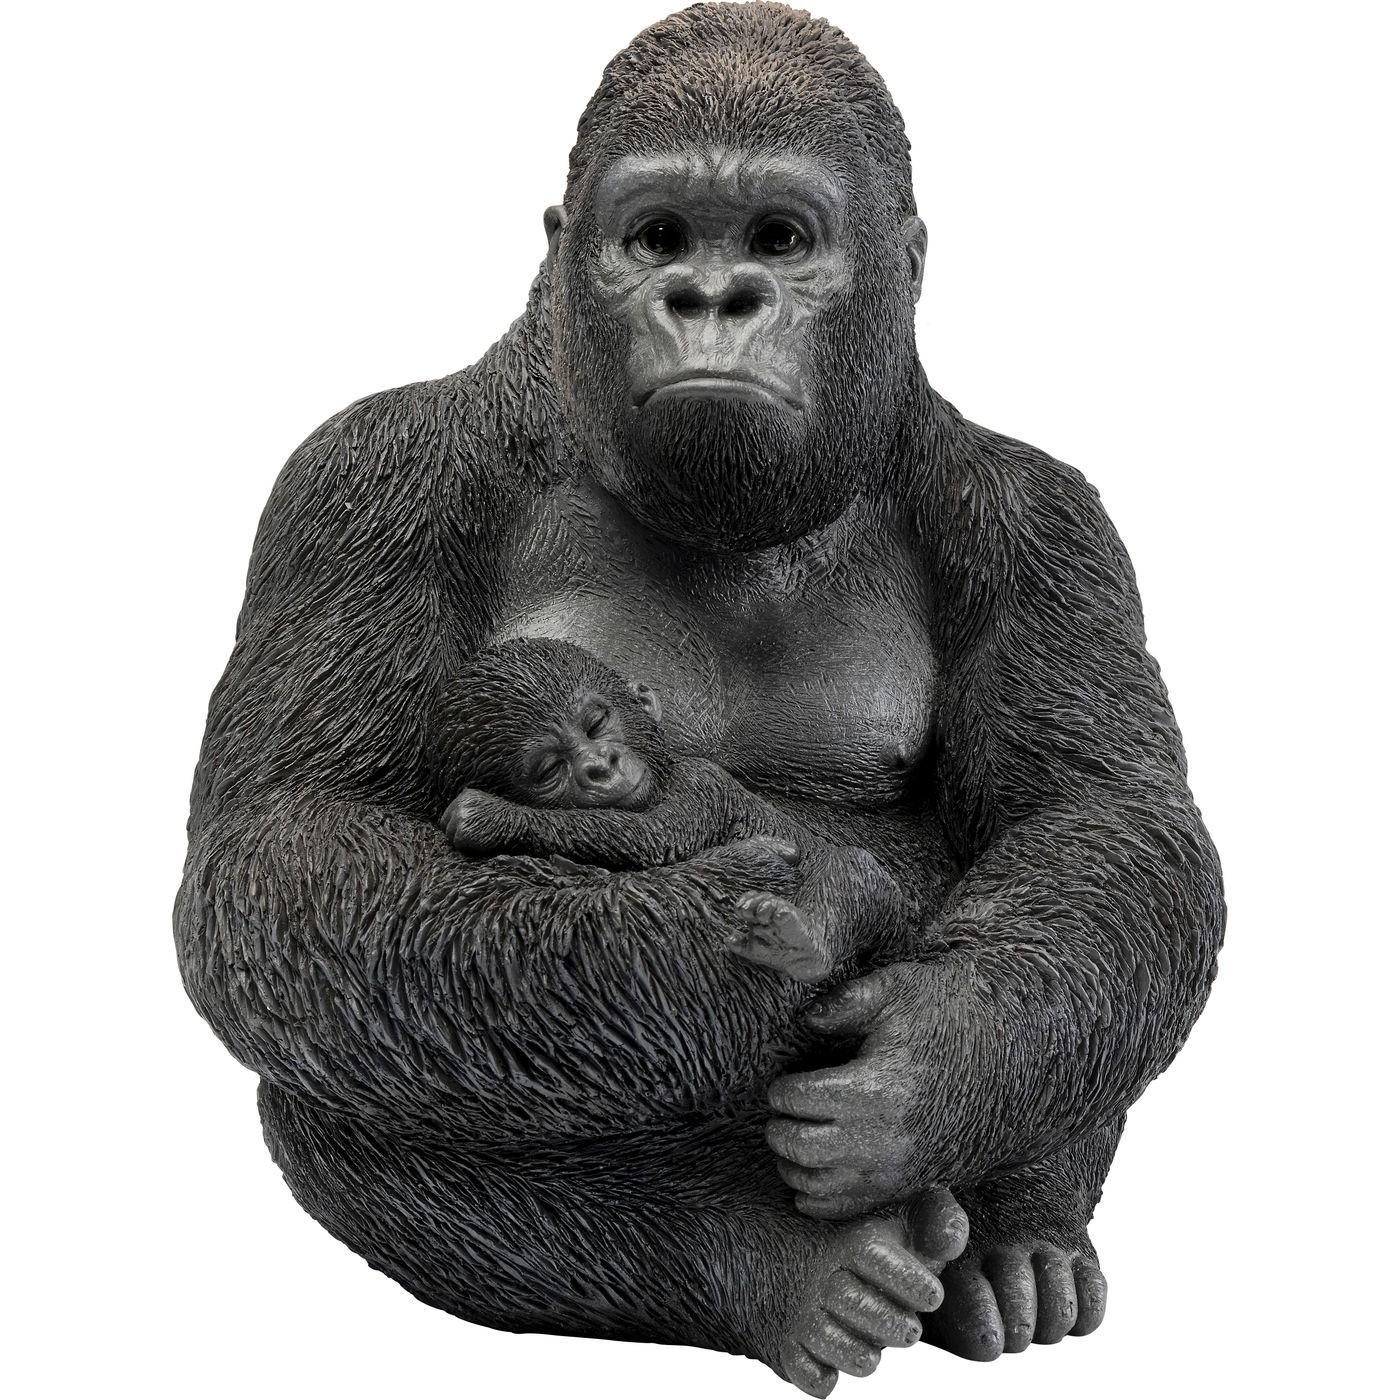 Statuette gorilles en polyrésine noire